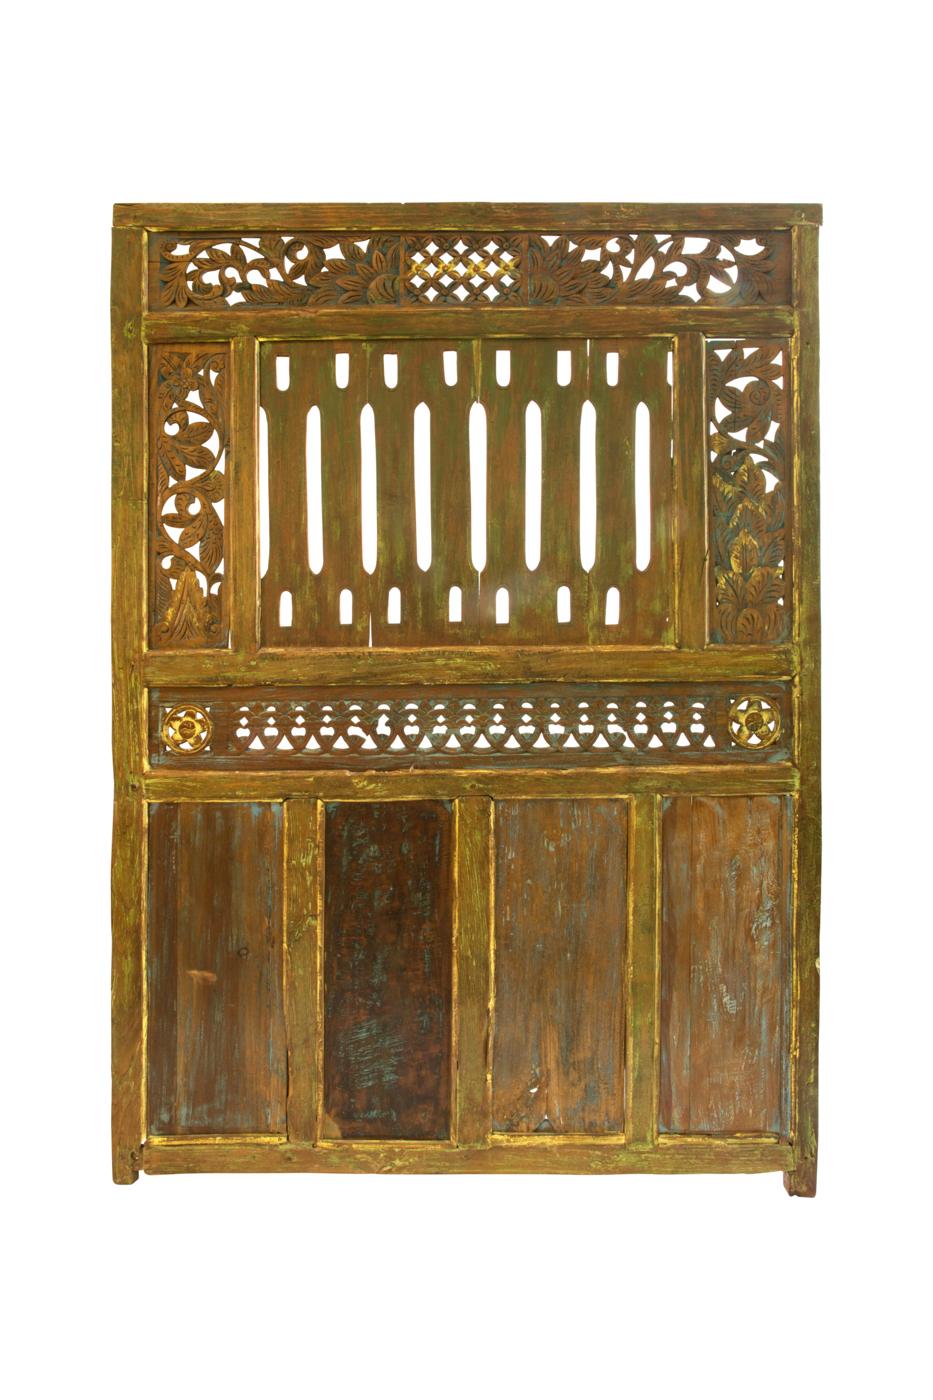 Rhombus carved wooden door